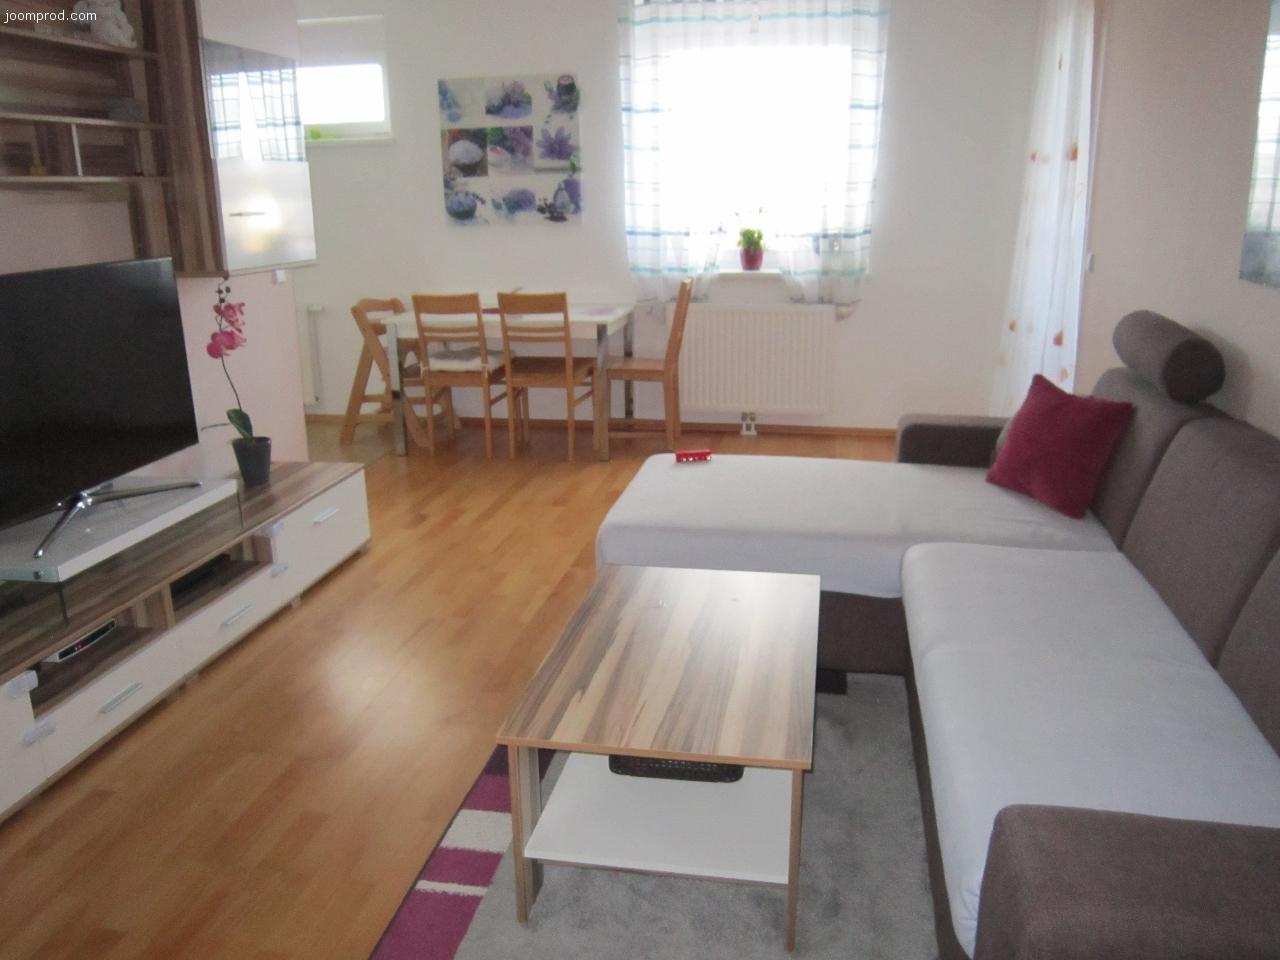 suche biete wirtschaft wirtschaft home gro. Black Bedroom Furniture Sets. Home Design Ideas